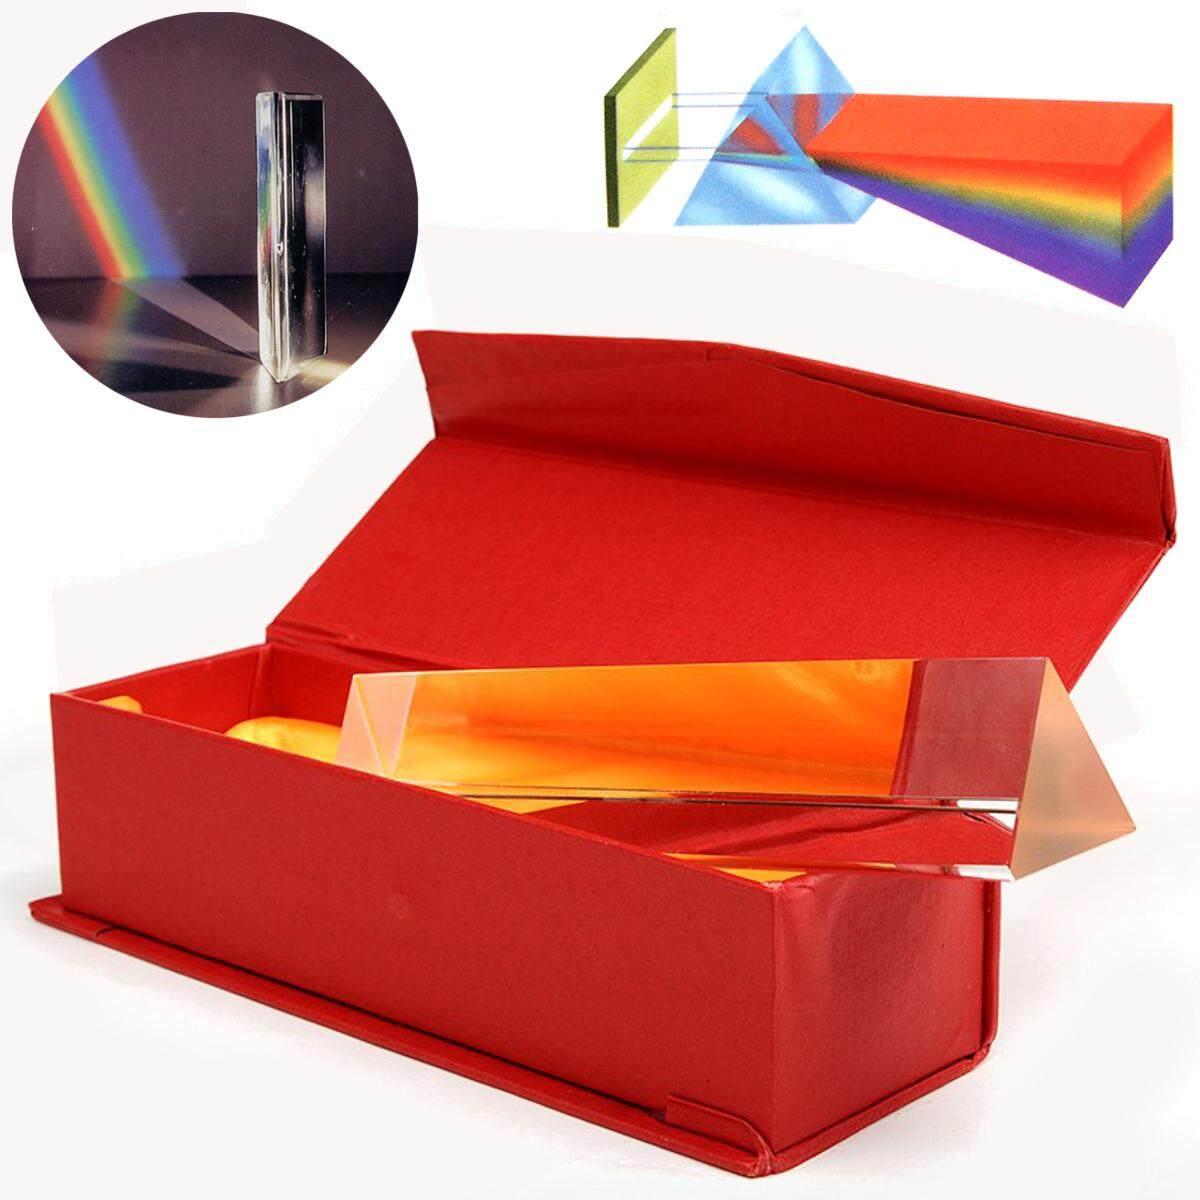 6 ''Kaca Optik Triple Prisma Segitiga Di Kotak Pengajaran Fisika Spektrum Cahaya